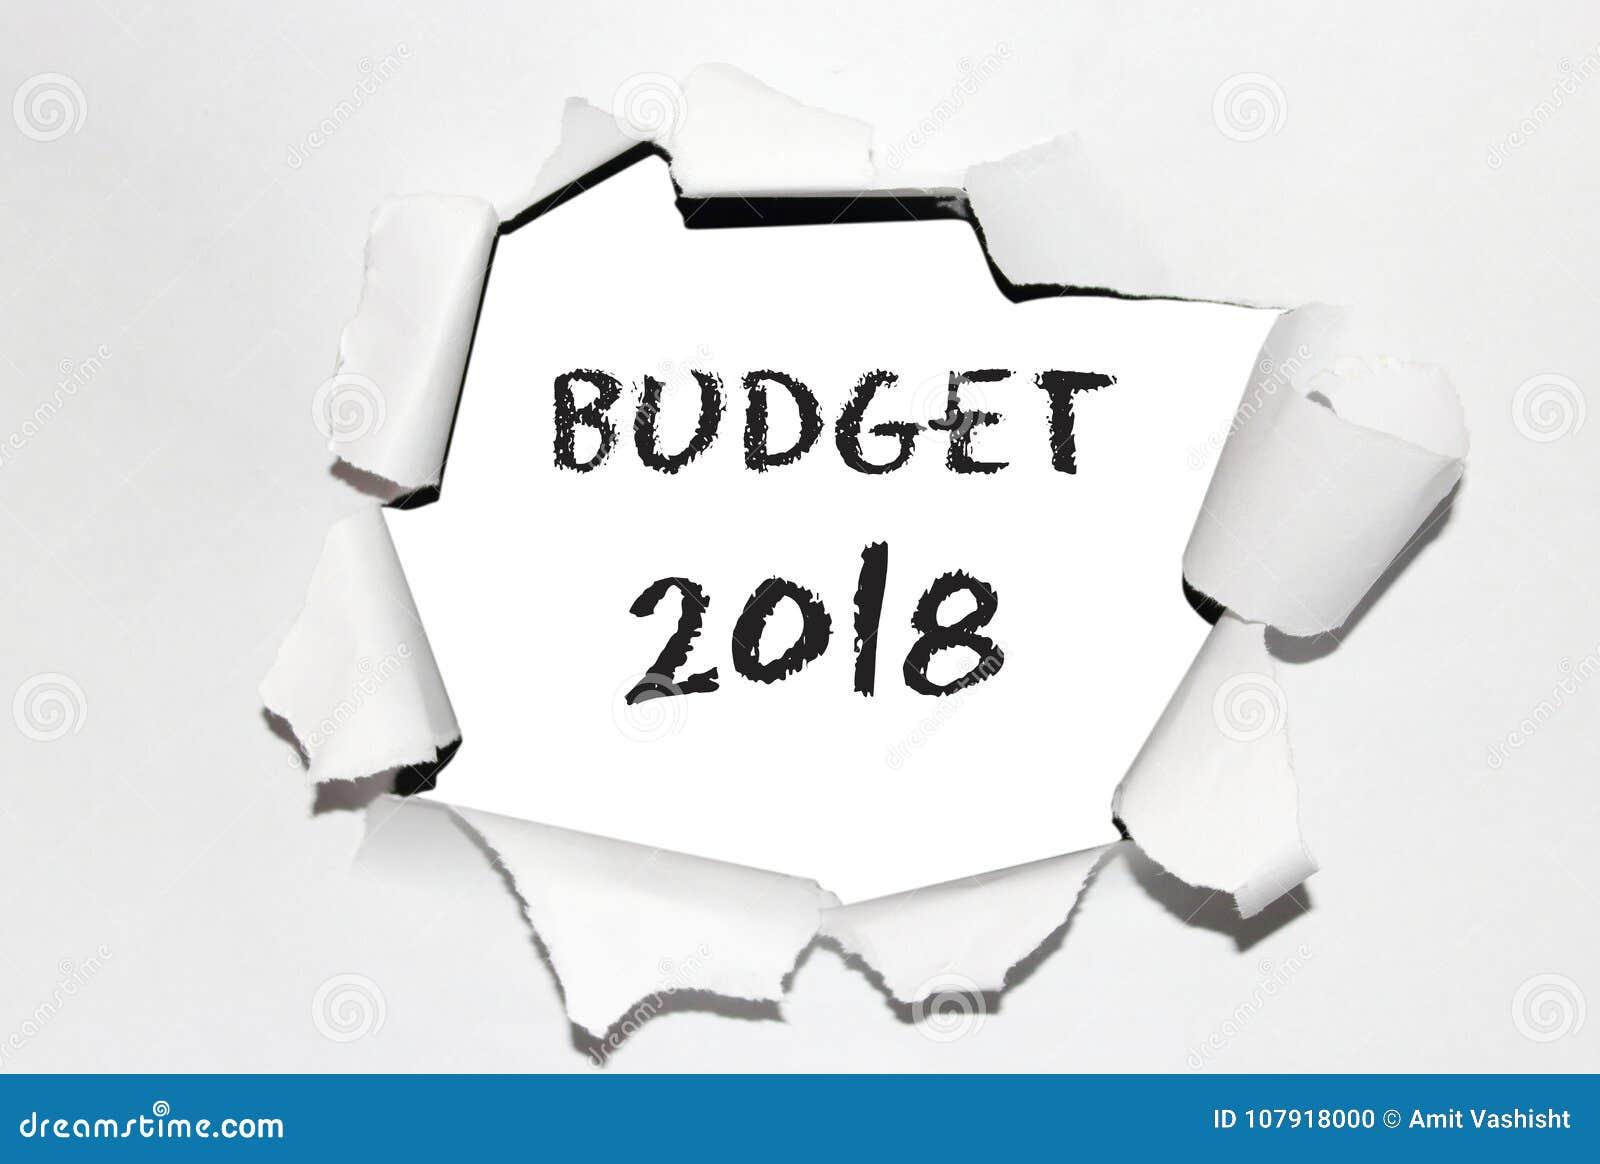 Προϋπολογισμός ` κειμένων ` με το έτος 2018 στο σχισμένο έγγραφο